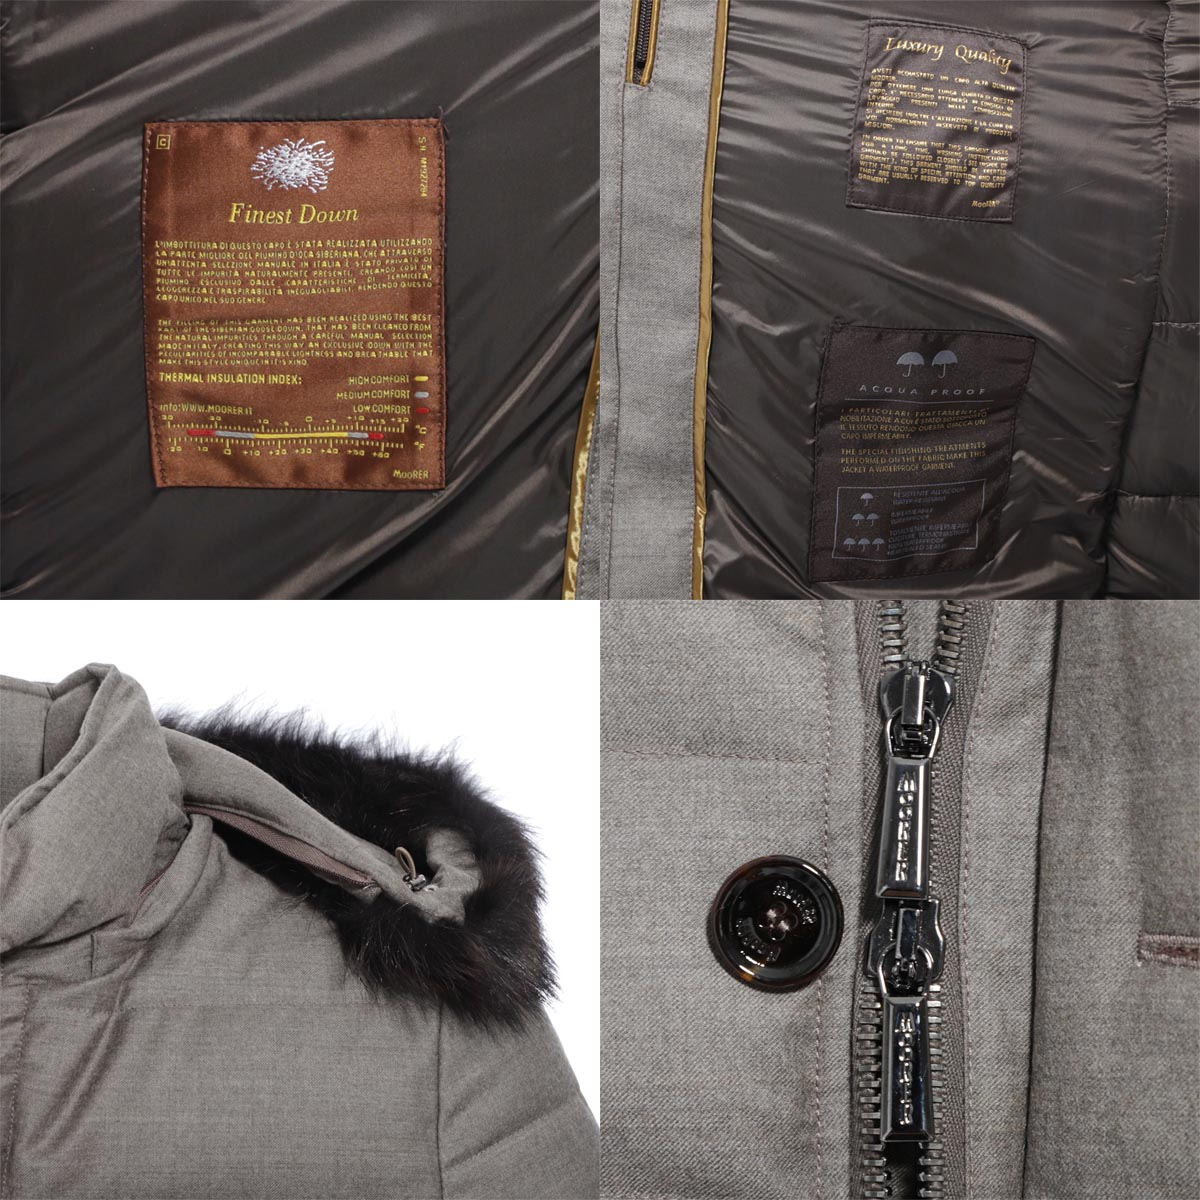 MOORER ムーレー ダウンジャケット/MORESCO-LL1 モレスコ【大きいサイズあり】 メンズ